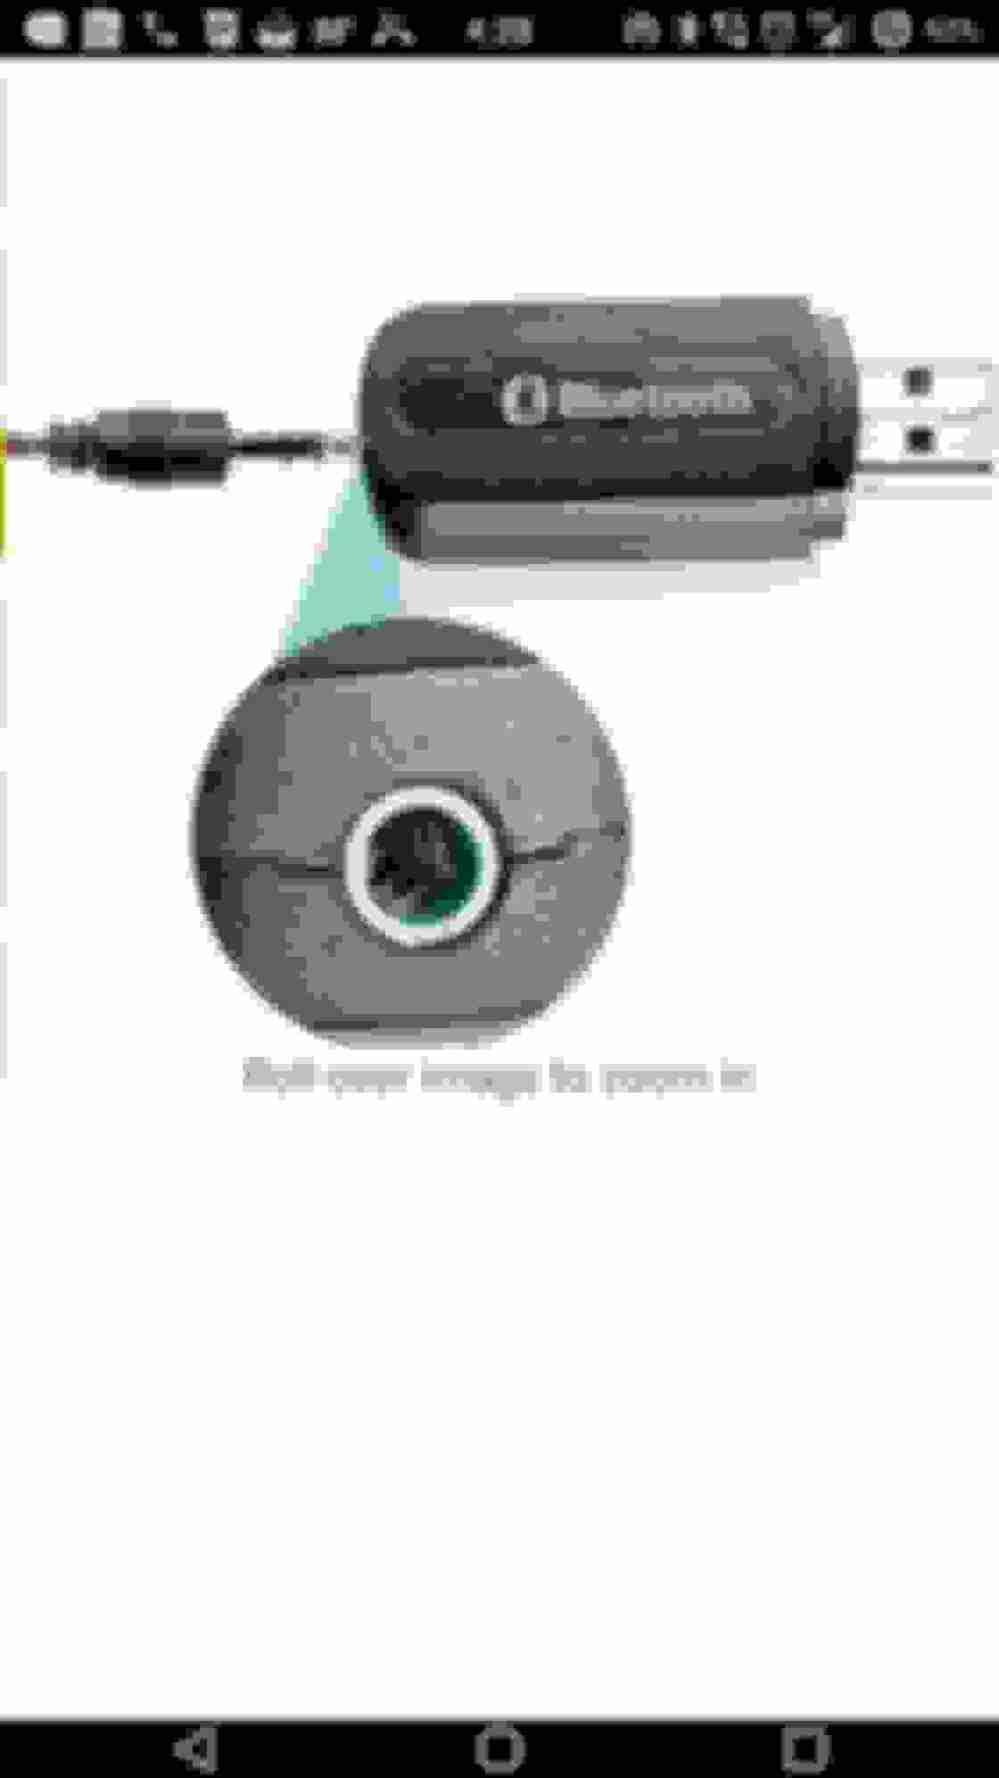 medium resolution of plugs into usb